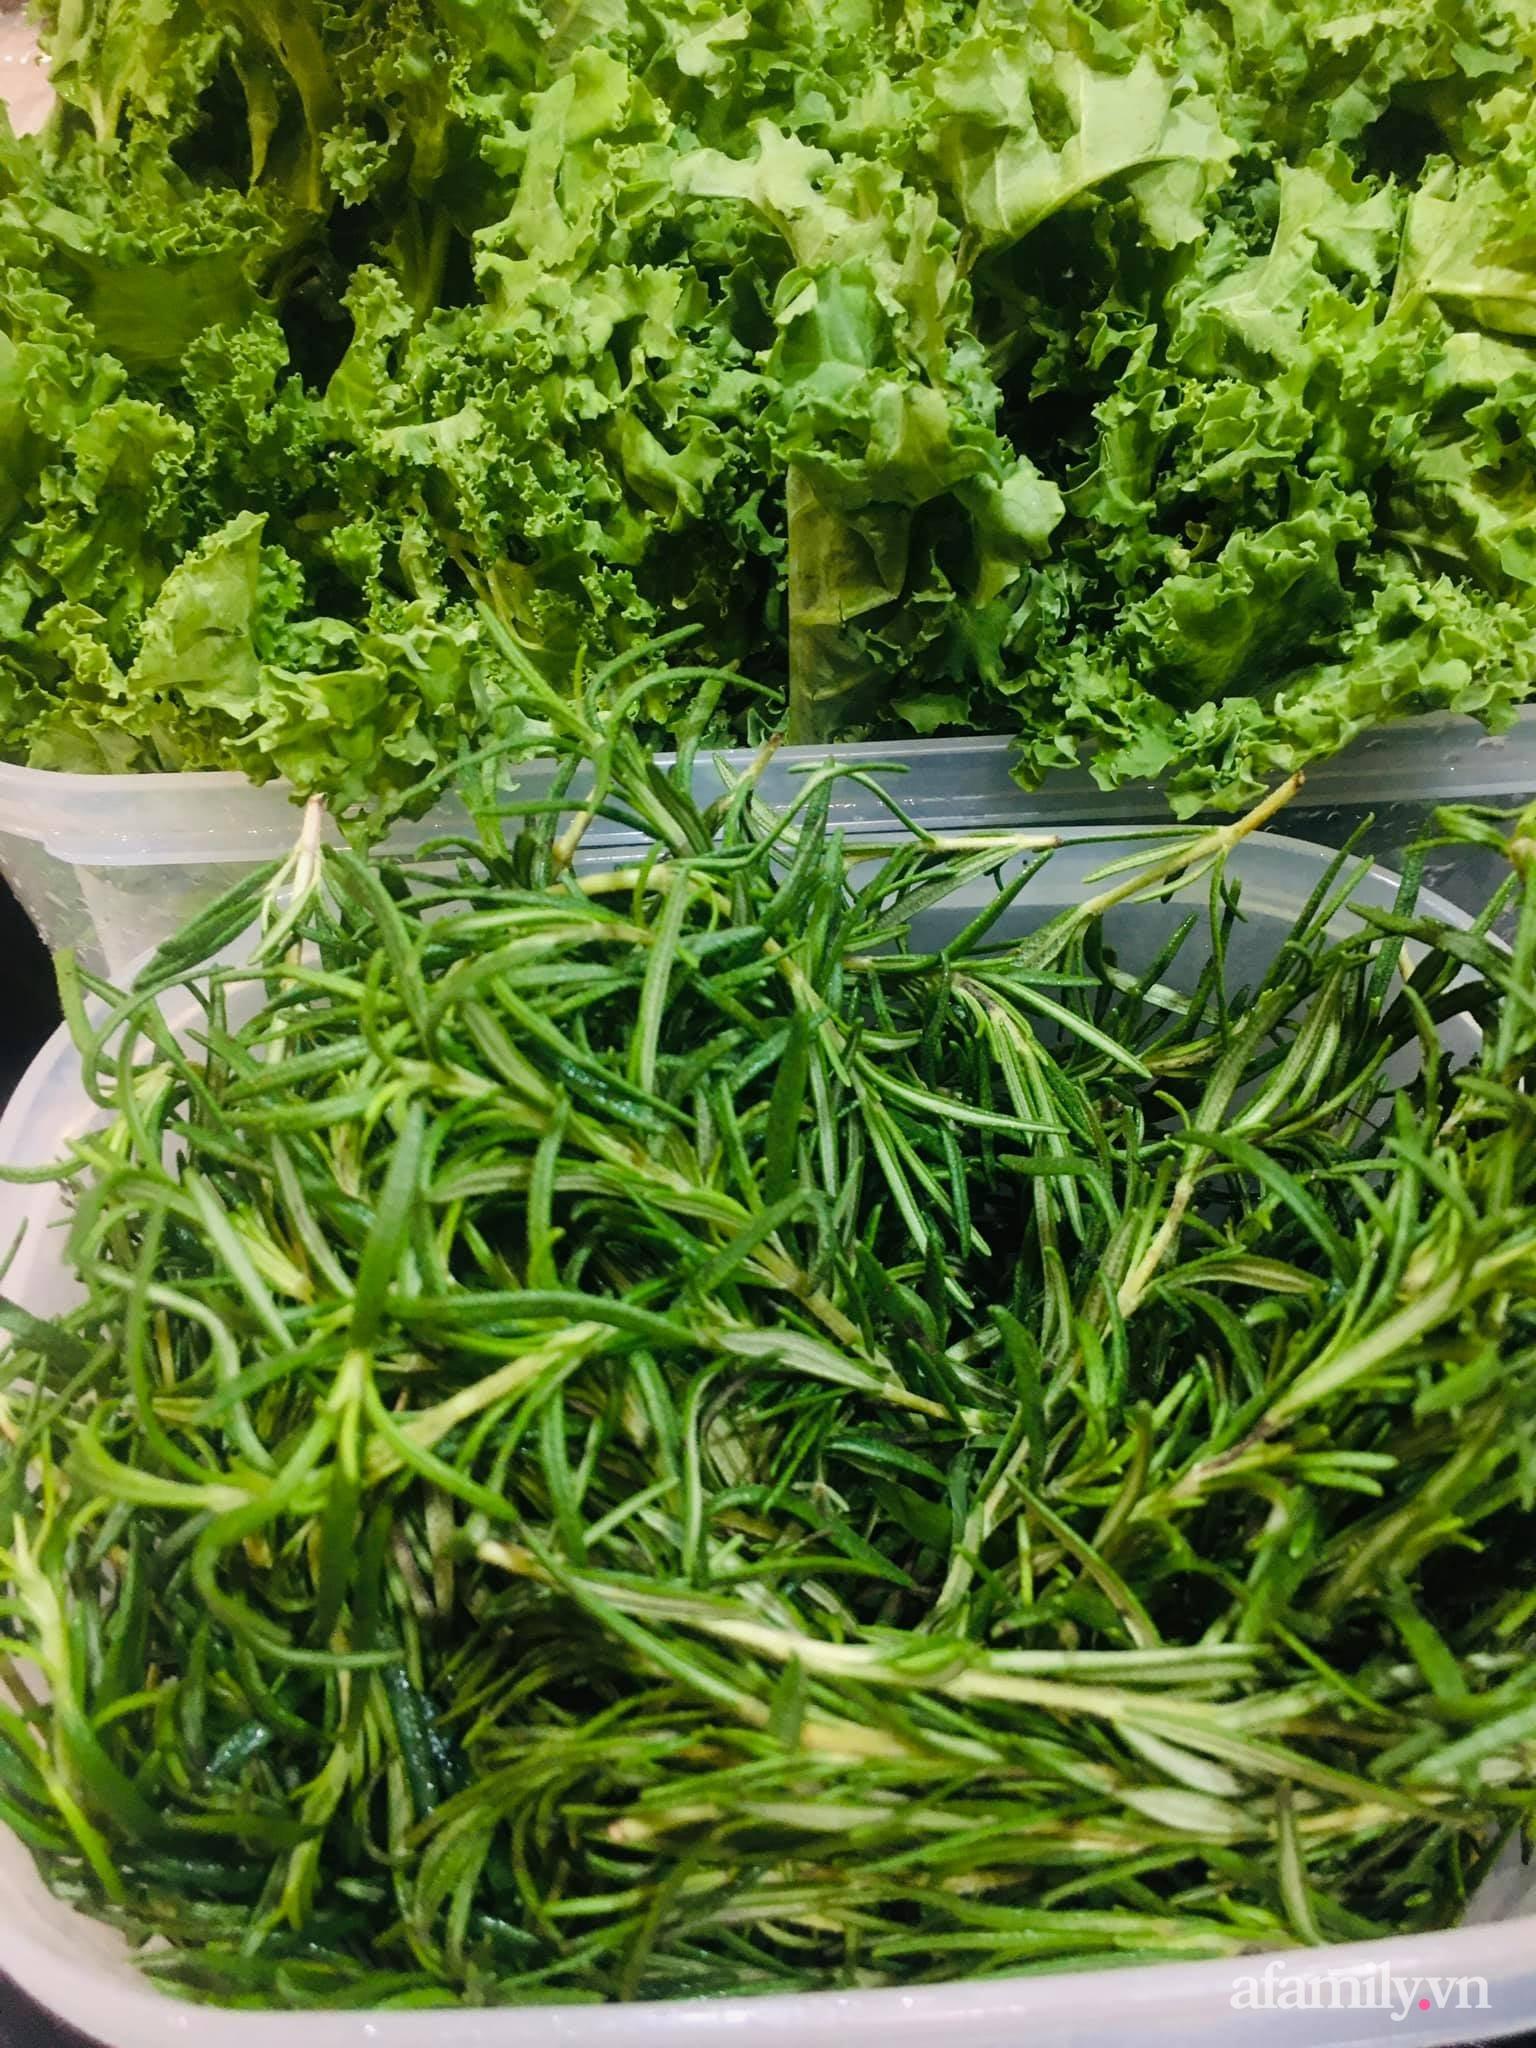 Mẹ Sài Gòn hướng dẫn mẹo bảo quản các loại thực phẩm tươi lâu nhất trong tủ lạnh để ít phải ra ngoài đi chợ - Ảnh 5.